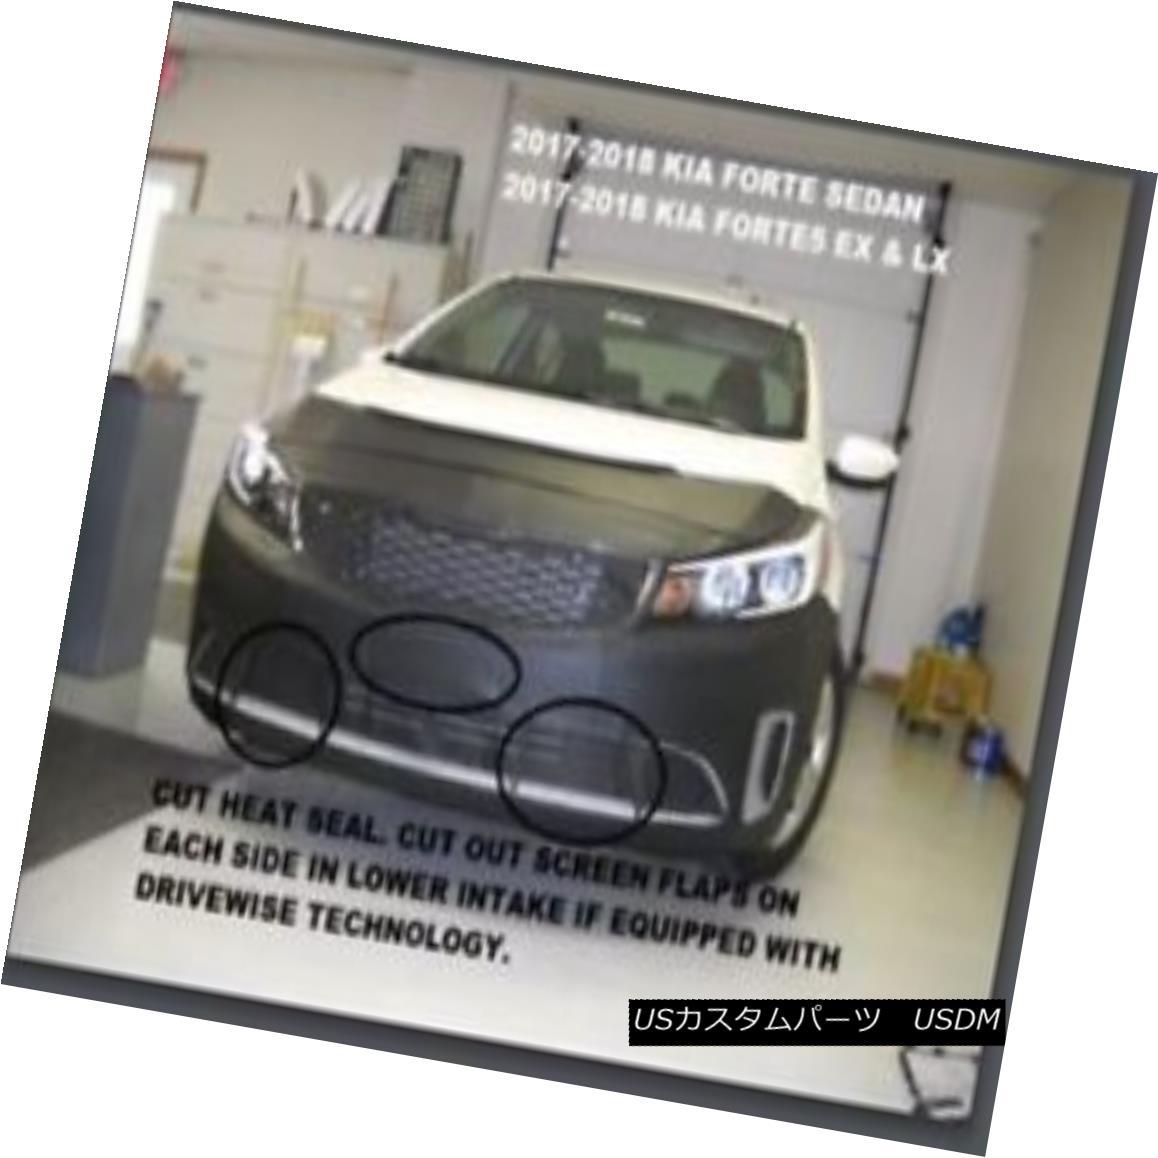 フルブラ ノーズブラ Lebra Front End Mask Bra Cover Fits Kia Forte Sedan 2017-2018 & Forte5 EX & LX LebraフロントエンドマスクブラジャーフィットKia Forte Sedan 2017-2018& Forte5 EX& amp; LX